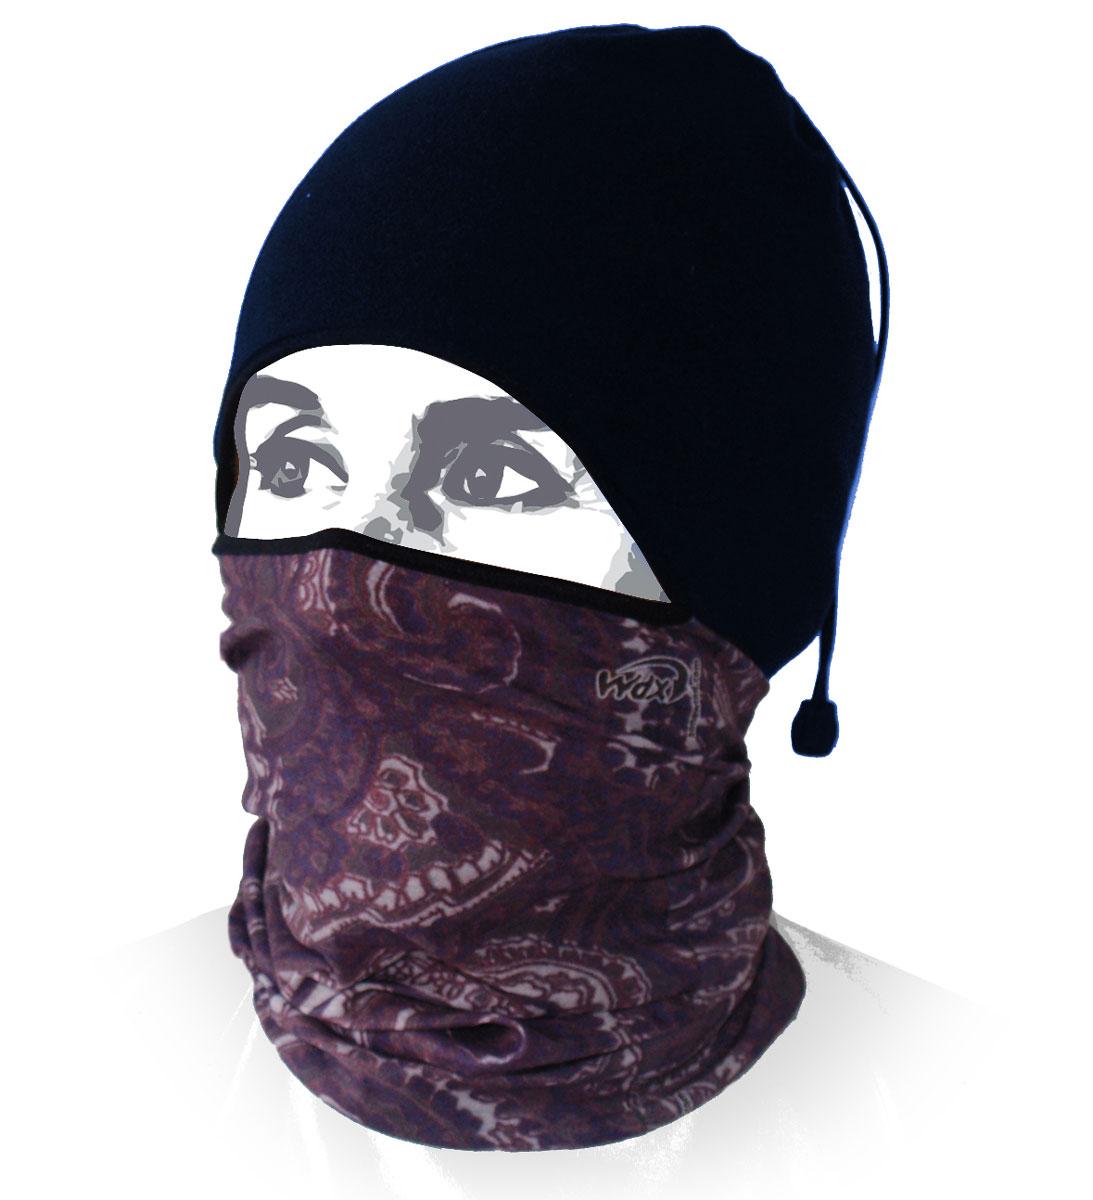 Бандана многофункциональная ArcticWind25380766Многофункциональный головной убор WdX ArcticWind - это очень современный предмет одежды, защитит вас от самого лютого мороза благодаря комбинации флиса и микрофибры. Его можно использовать как: шапку, бандану, маску, шарф, повязку, платок. Подходит для занятий бегом, походов, скалолазания, езды на велосипеде, сноуборда, катания на лыжах, мотоциклах, игры в хоккей, а так же для повседневного использования. Сочетание ткани и шапочки из флиса Pilhot гарантируют дополнительные тепло и комфорт, отведение влаги, быстрое высыхание, очень эластичны, принимают практически любую форму. Обладает антибактериальным эффектом.